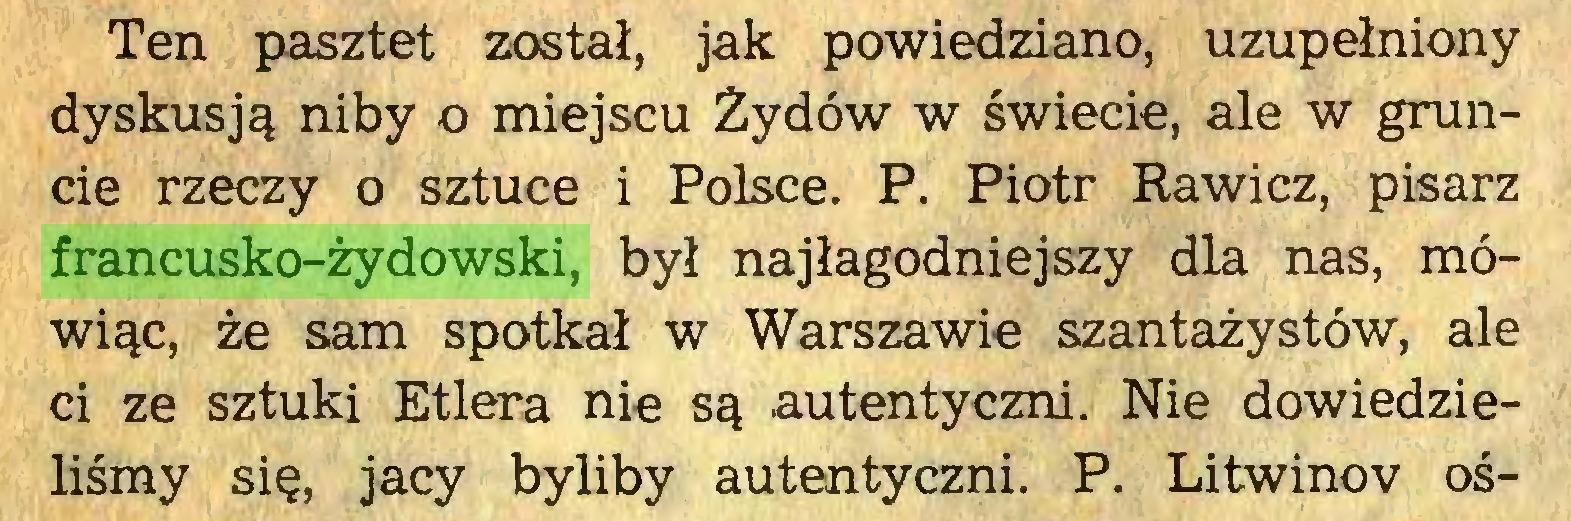 (...) Ten pasztet został, jak powiedziano, uzupełniony dyskusją niby o miejscu Żydów w świecie, ale w gruncie rzeczy o sztuce i Polsce. P. Piotr Rawicz, pisarz francusko-żydowski, był najłagodniejszy dla nas, mówiąc, że sam spotkał w Warszawie szantażystów, ale ci ze sztuki Etlera nie są autentyczni. Nie dowiedzieliśmy się, jacy byliby autentyczni. P. Litwinov oś...